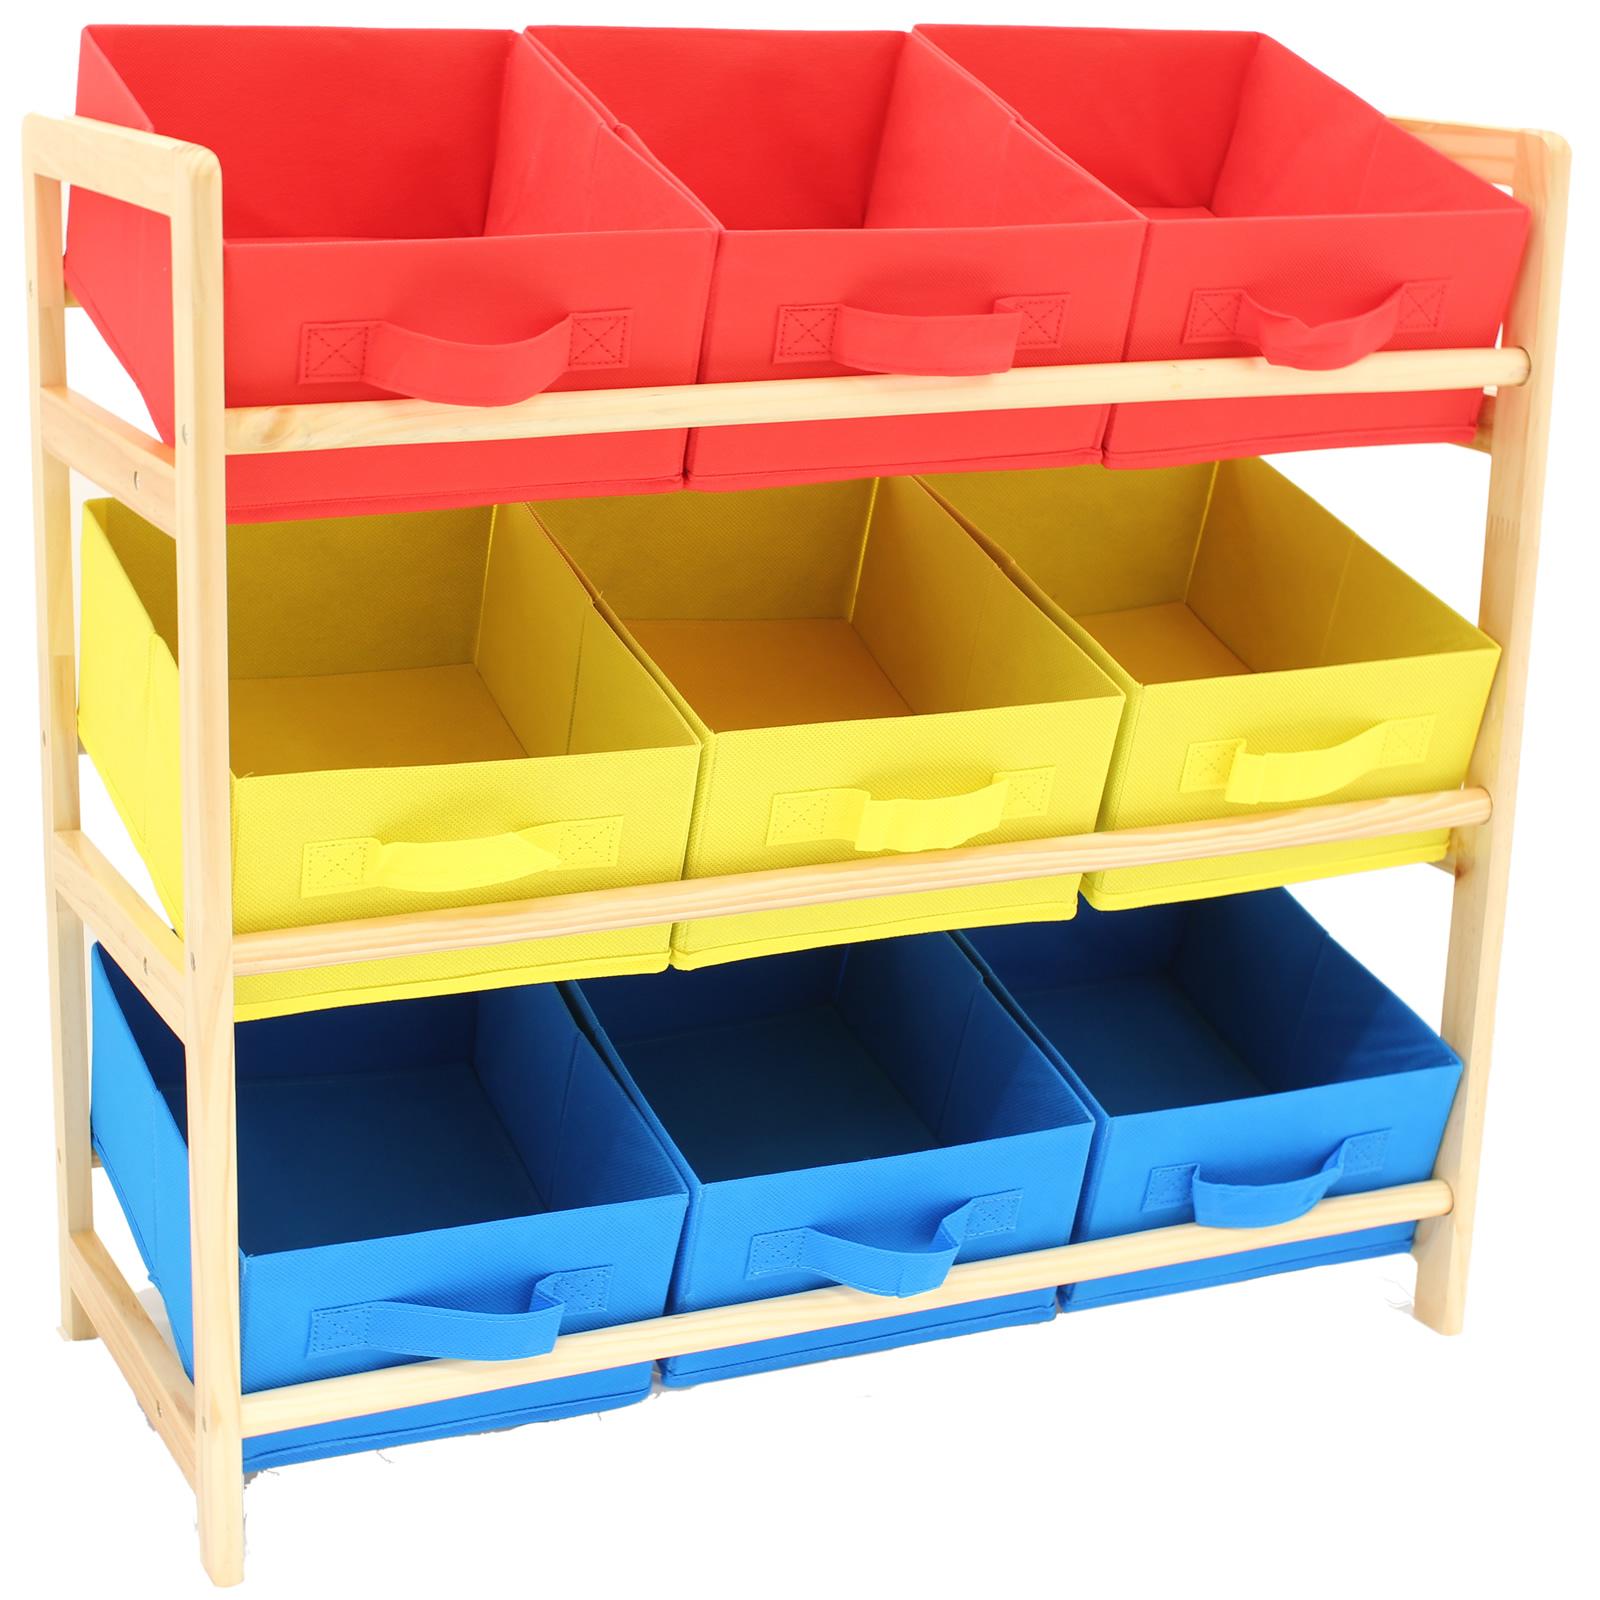 Hartleys 3 Tier Storage Shelf Unit Kids Childrens Bedroom